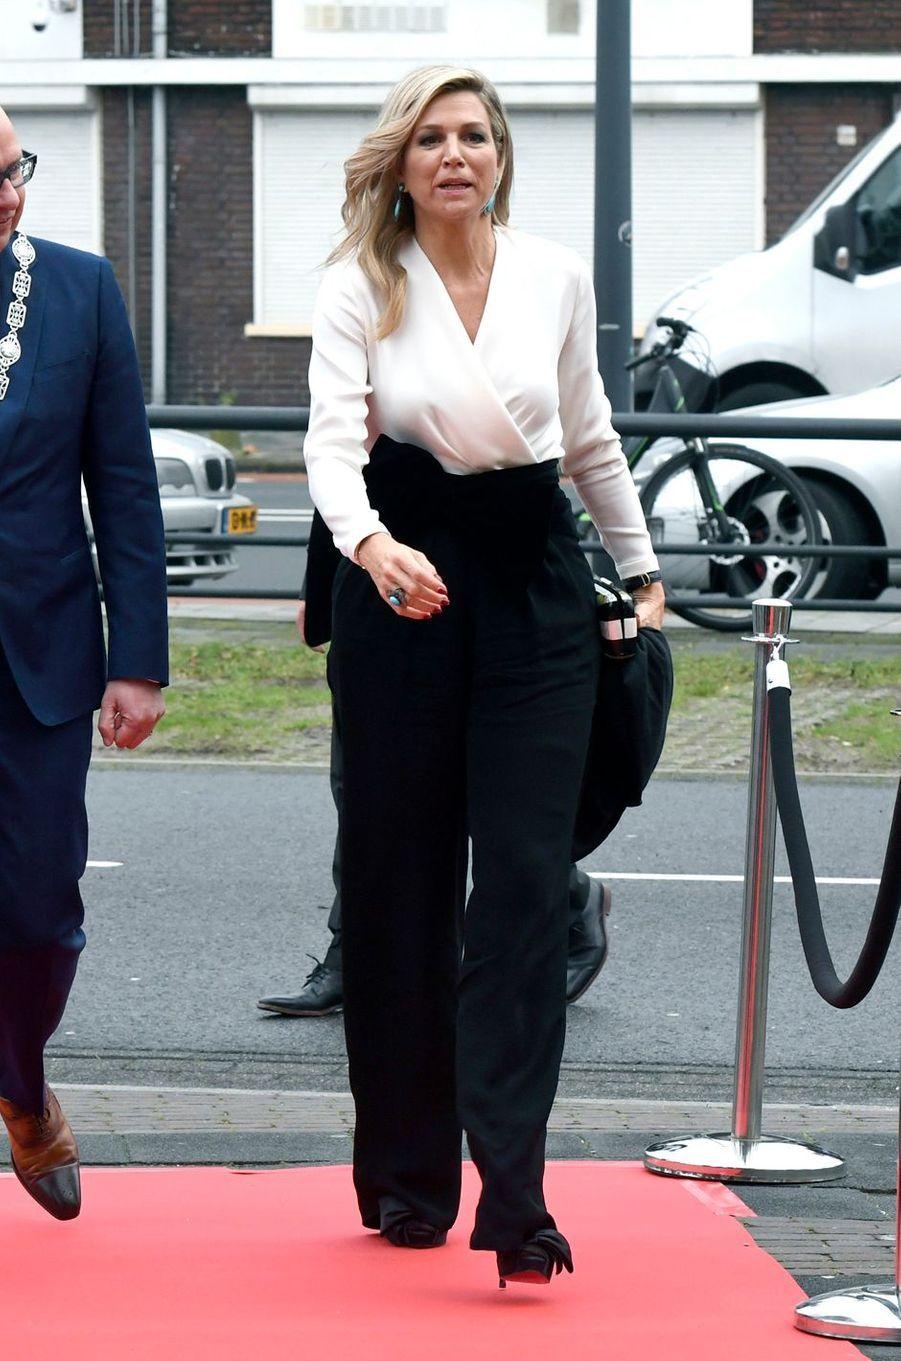 La reine Maxima des Pays-Bas à Den Bosch (Bois-le-Duc), le 19 décembre 2018